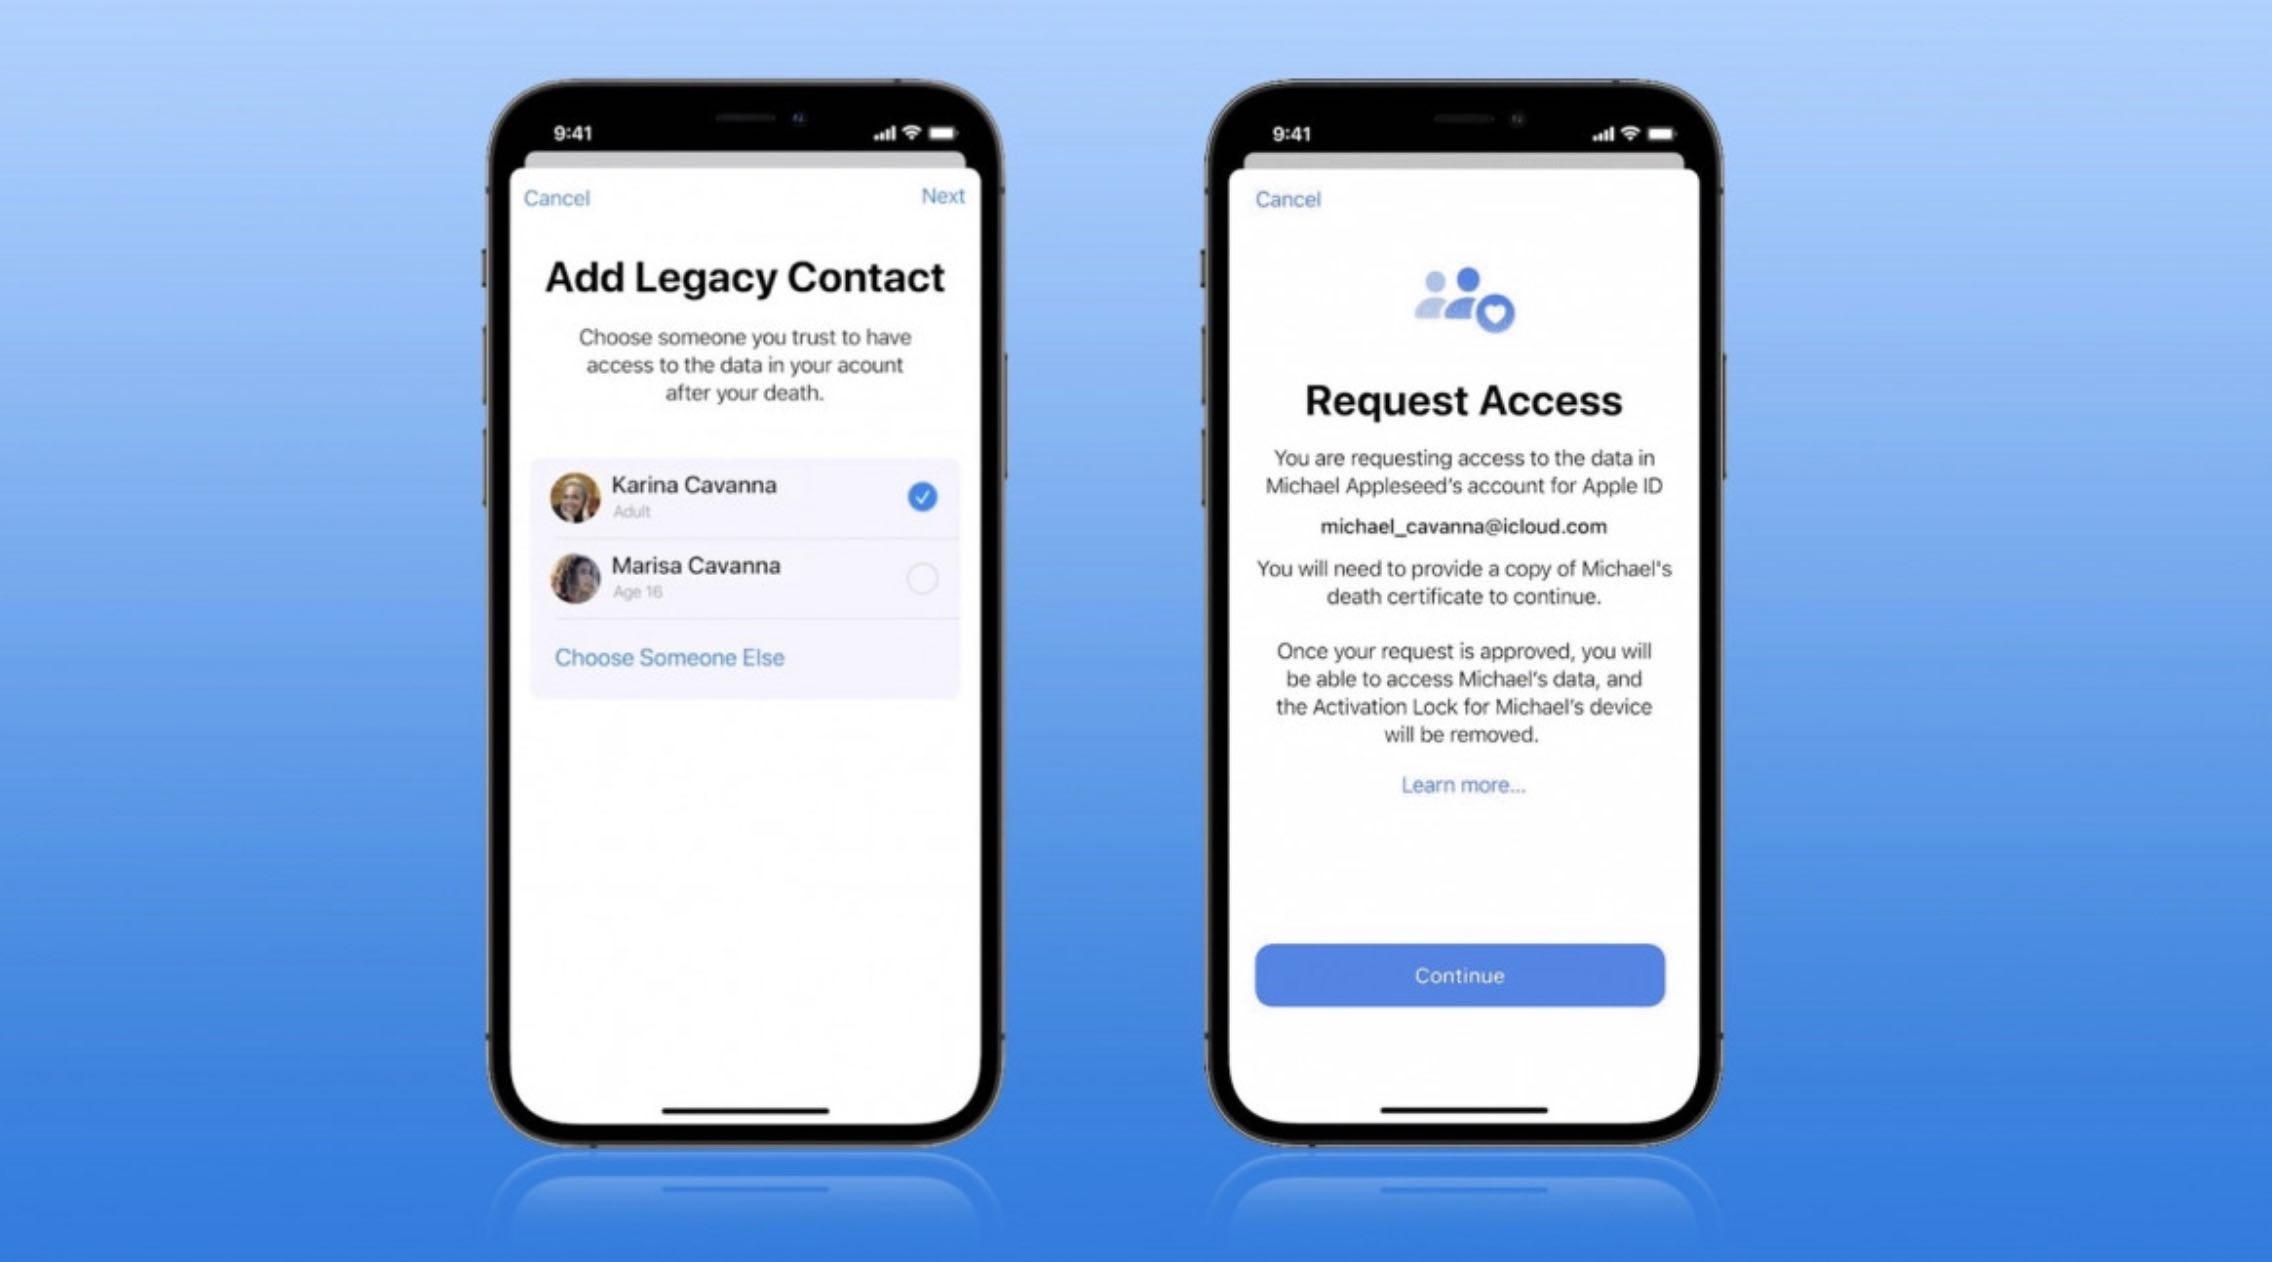 Apple przygotowuje się do uruchomienia funkcji Digital Heritage ciekawostki dziedzictwo cyfrowe, Digital Heritage, co to jest Digital Heritage, Apple  Apple przygotowuje się do rychłego uruchomienia funkcji Digital Heritage, która została ogłoszona na WWDC21. Co to takiego? dziedzictwo